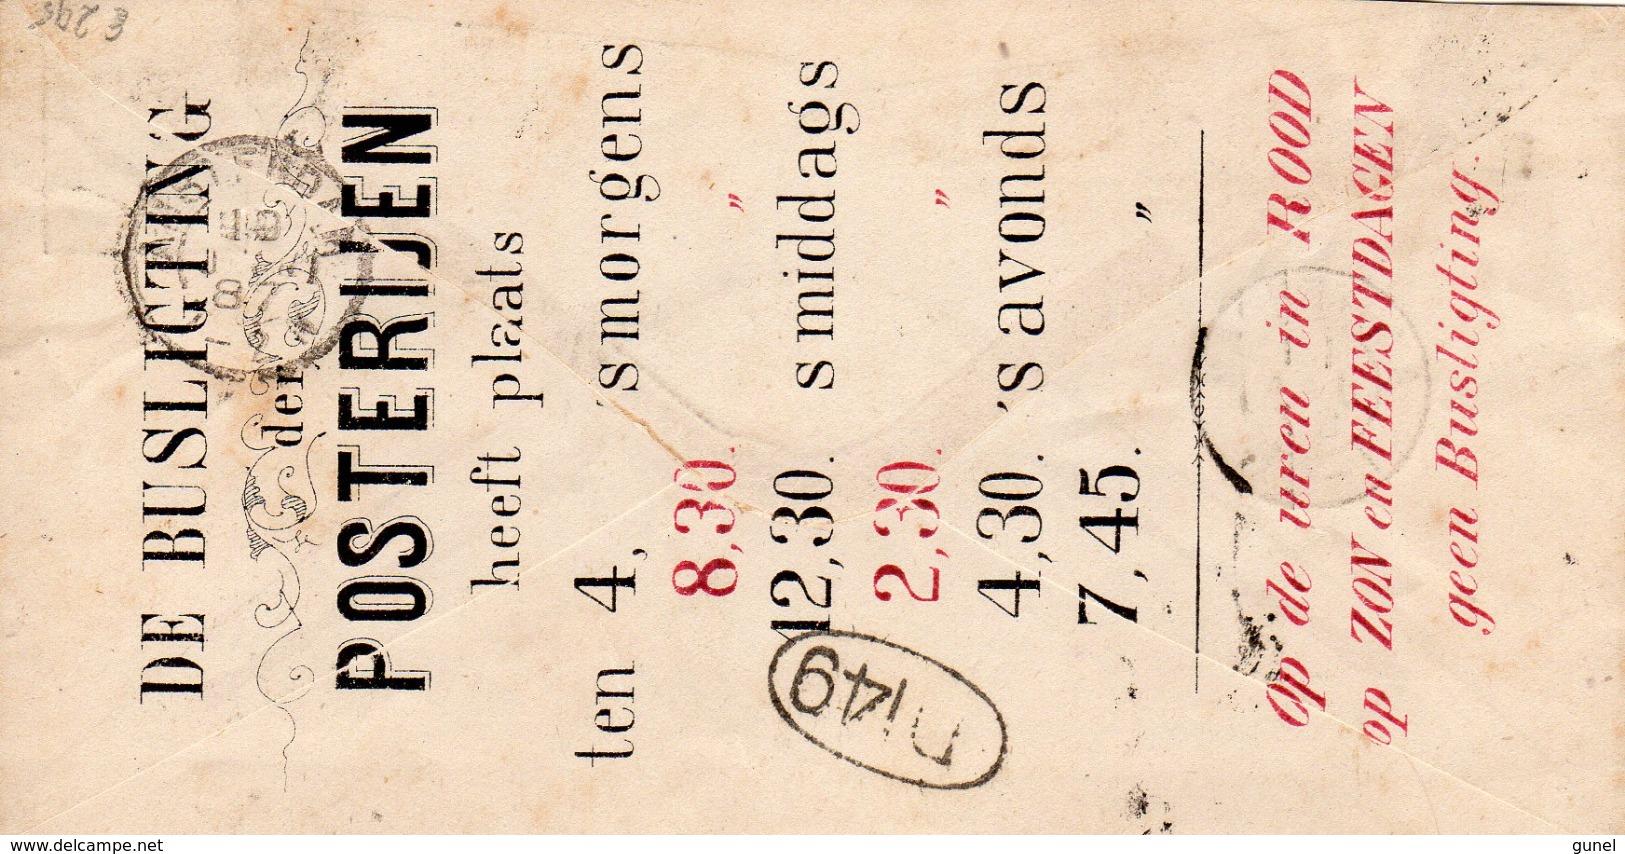 19 JAN 87 Envelop G1 PARTICULIER Bedrukt HOF-APOTHEEK Met Busligtingen Op Achterzijde - Postwaardestukken